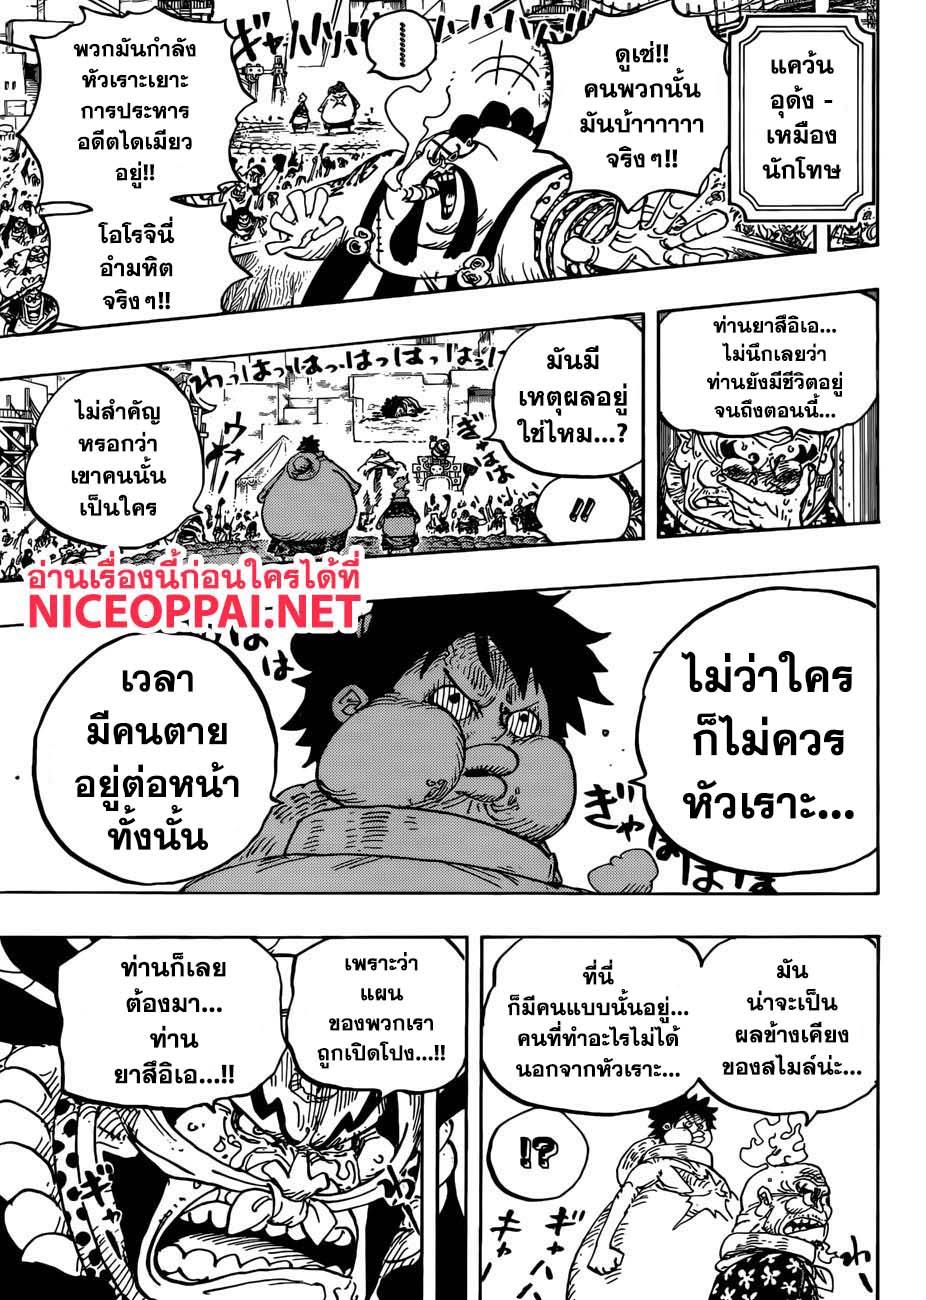 อ่านการ์ตูน One Piece ตอนที่ 943 หน้าที่ 7